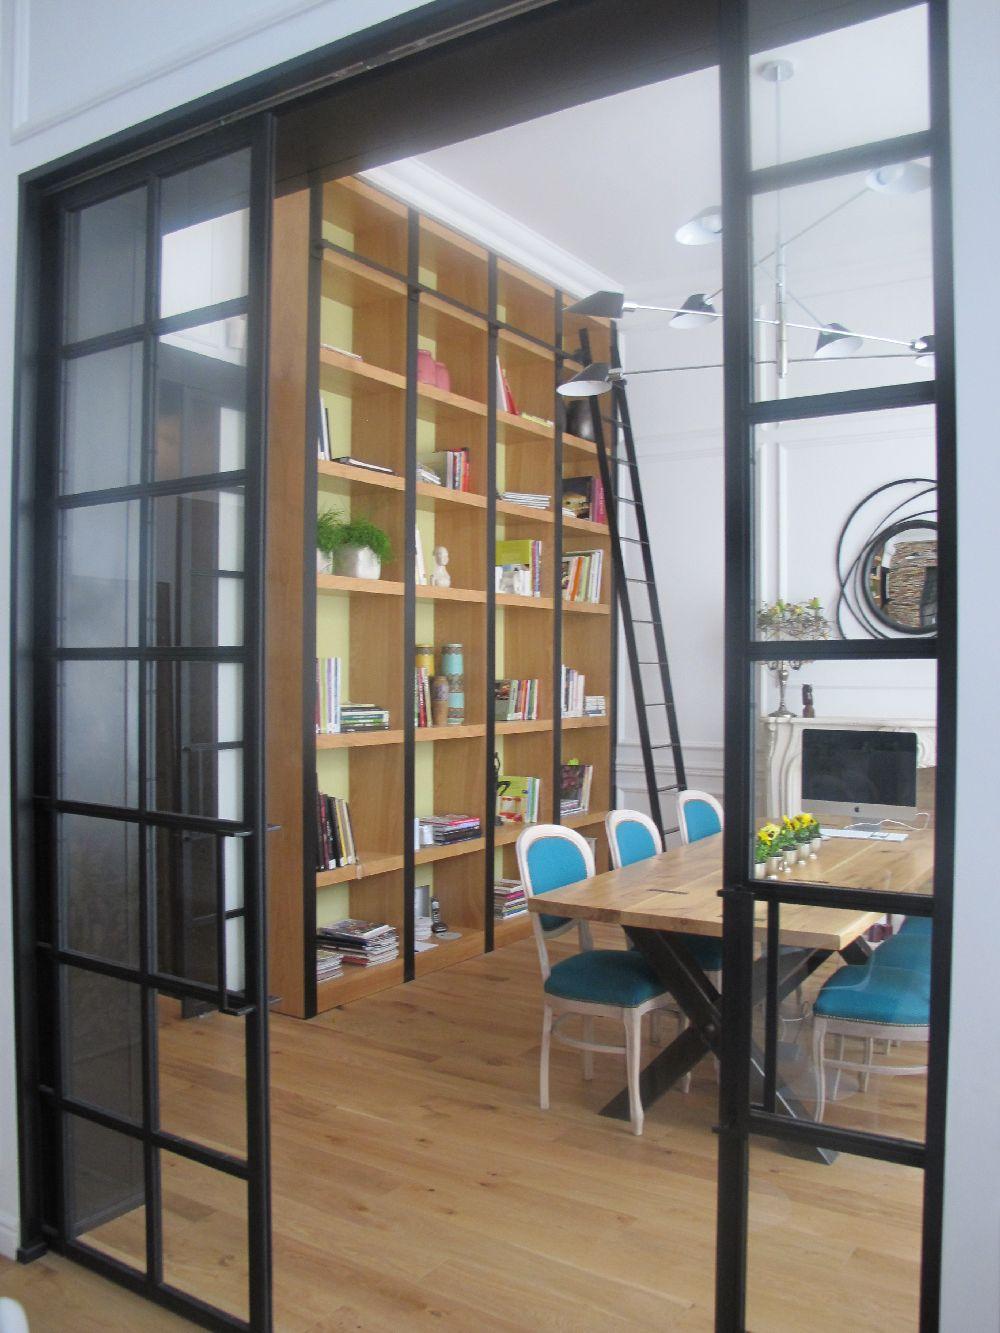 adelaparvu.com despre atelierul designerului florist Nicu Bocancea, Foraria Iris, design interior Pascal Delmotte (65)